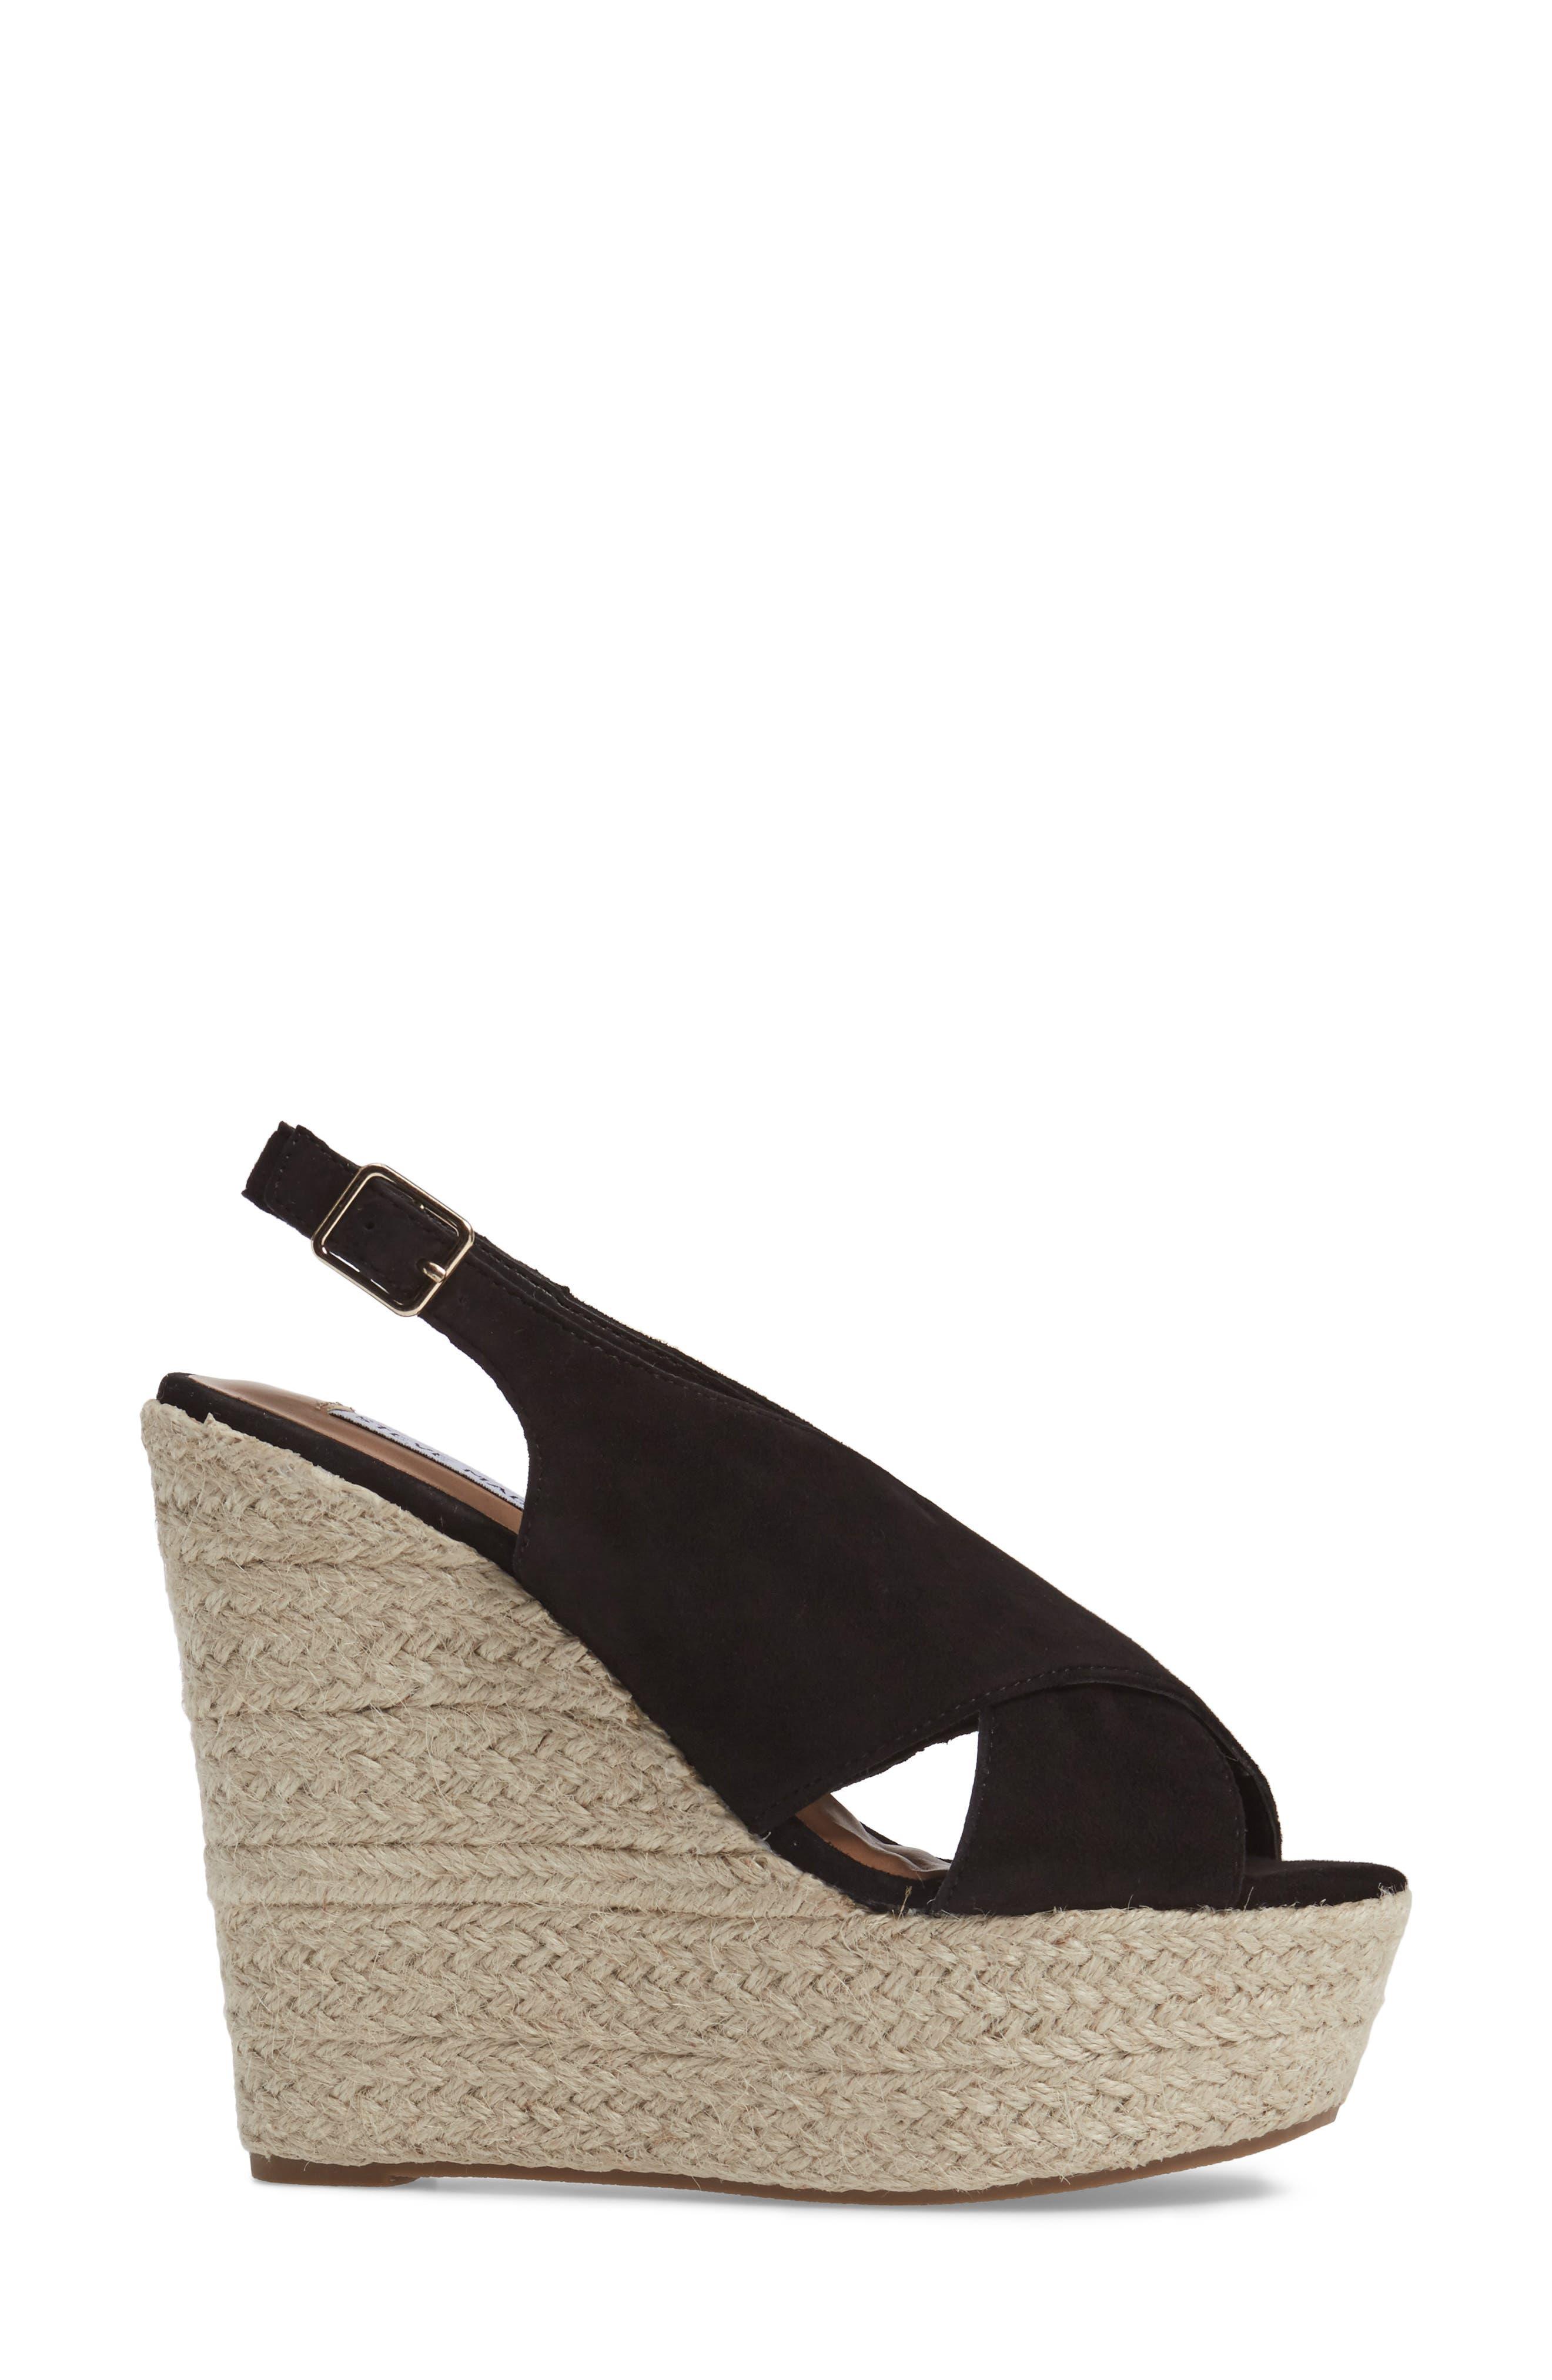 Alternate Image 3  - Steve Madden Rayla Platform Wedge Sandal (Women)